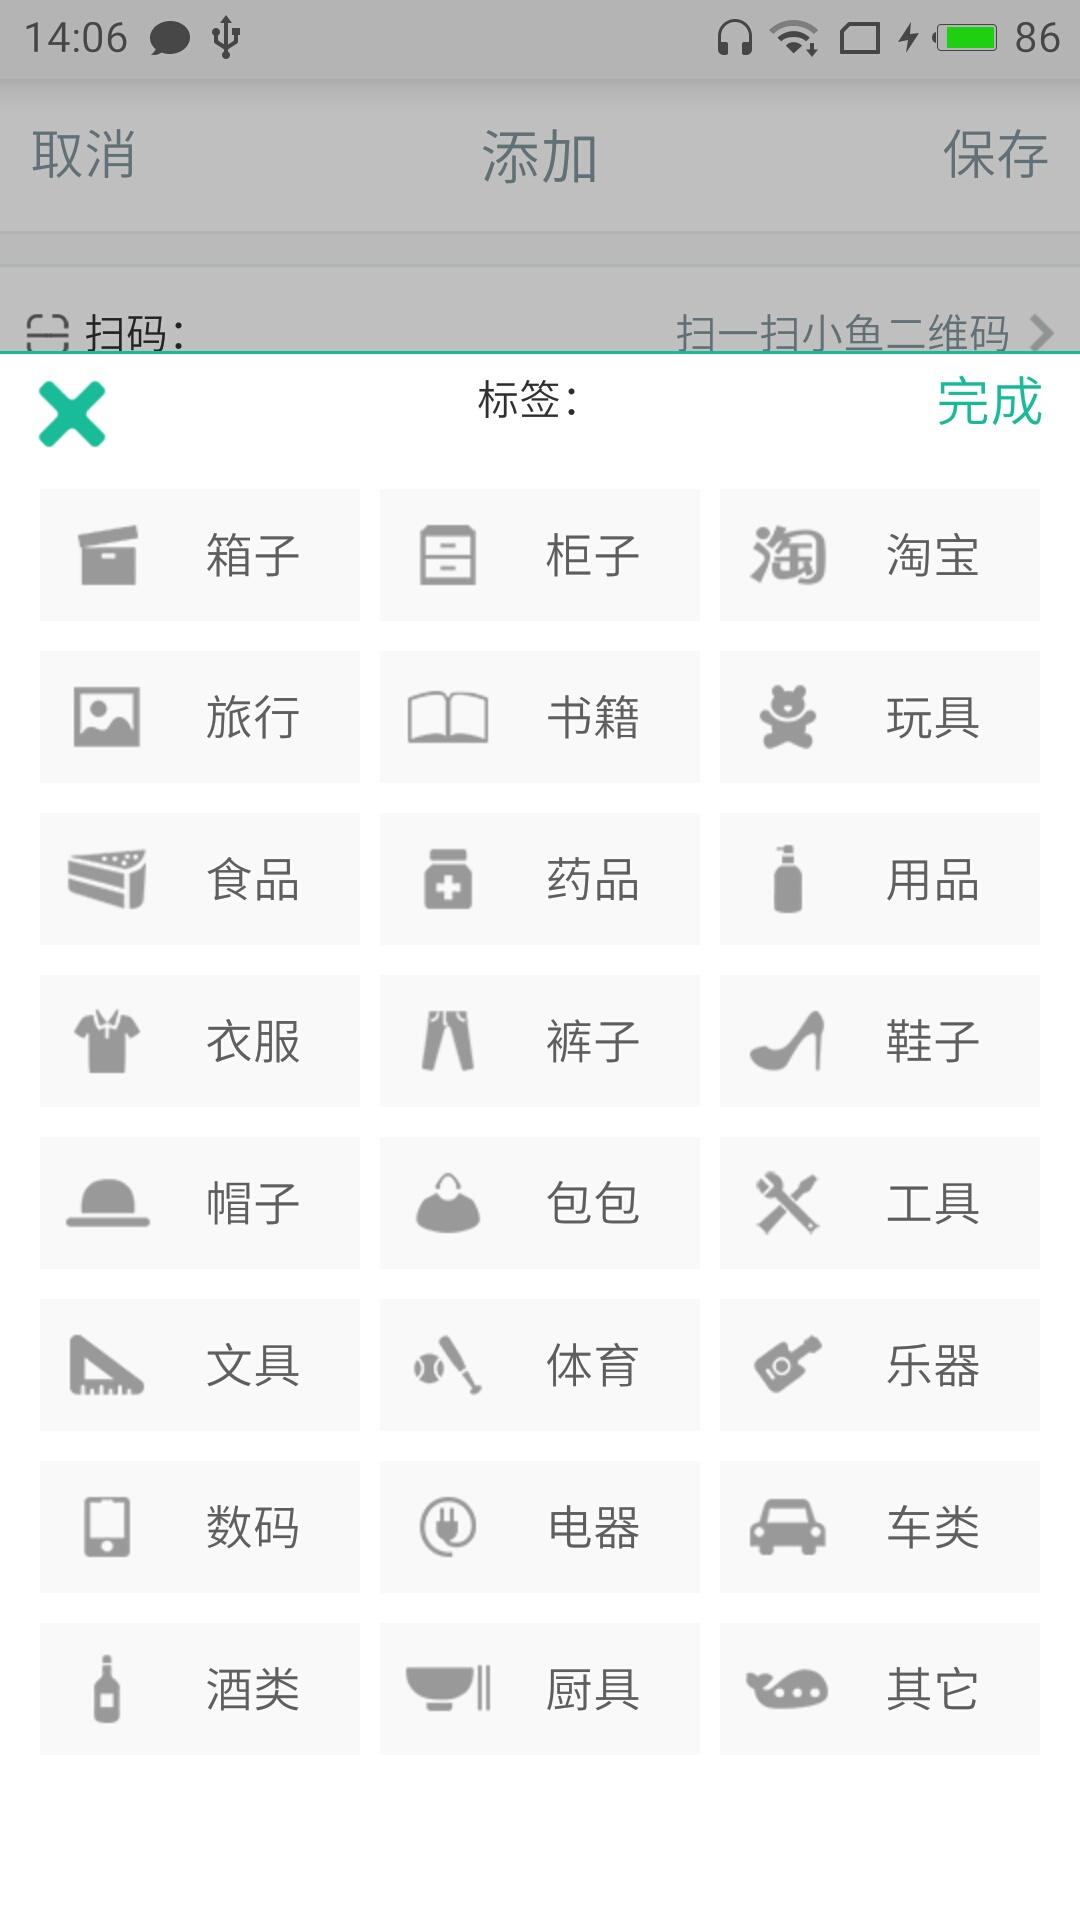 Android每周精品软件推荐(2017.6.22-2017.6.28)图片6